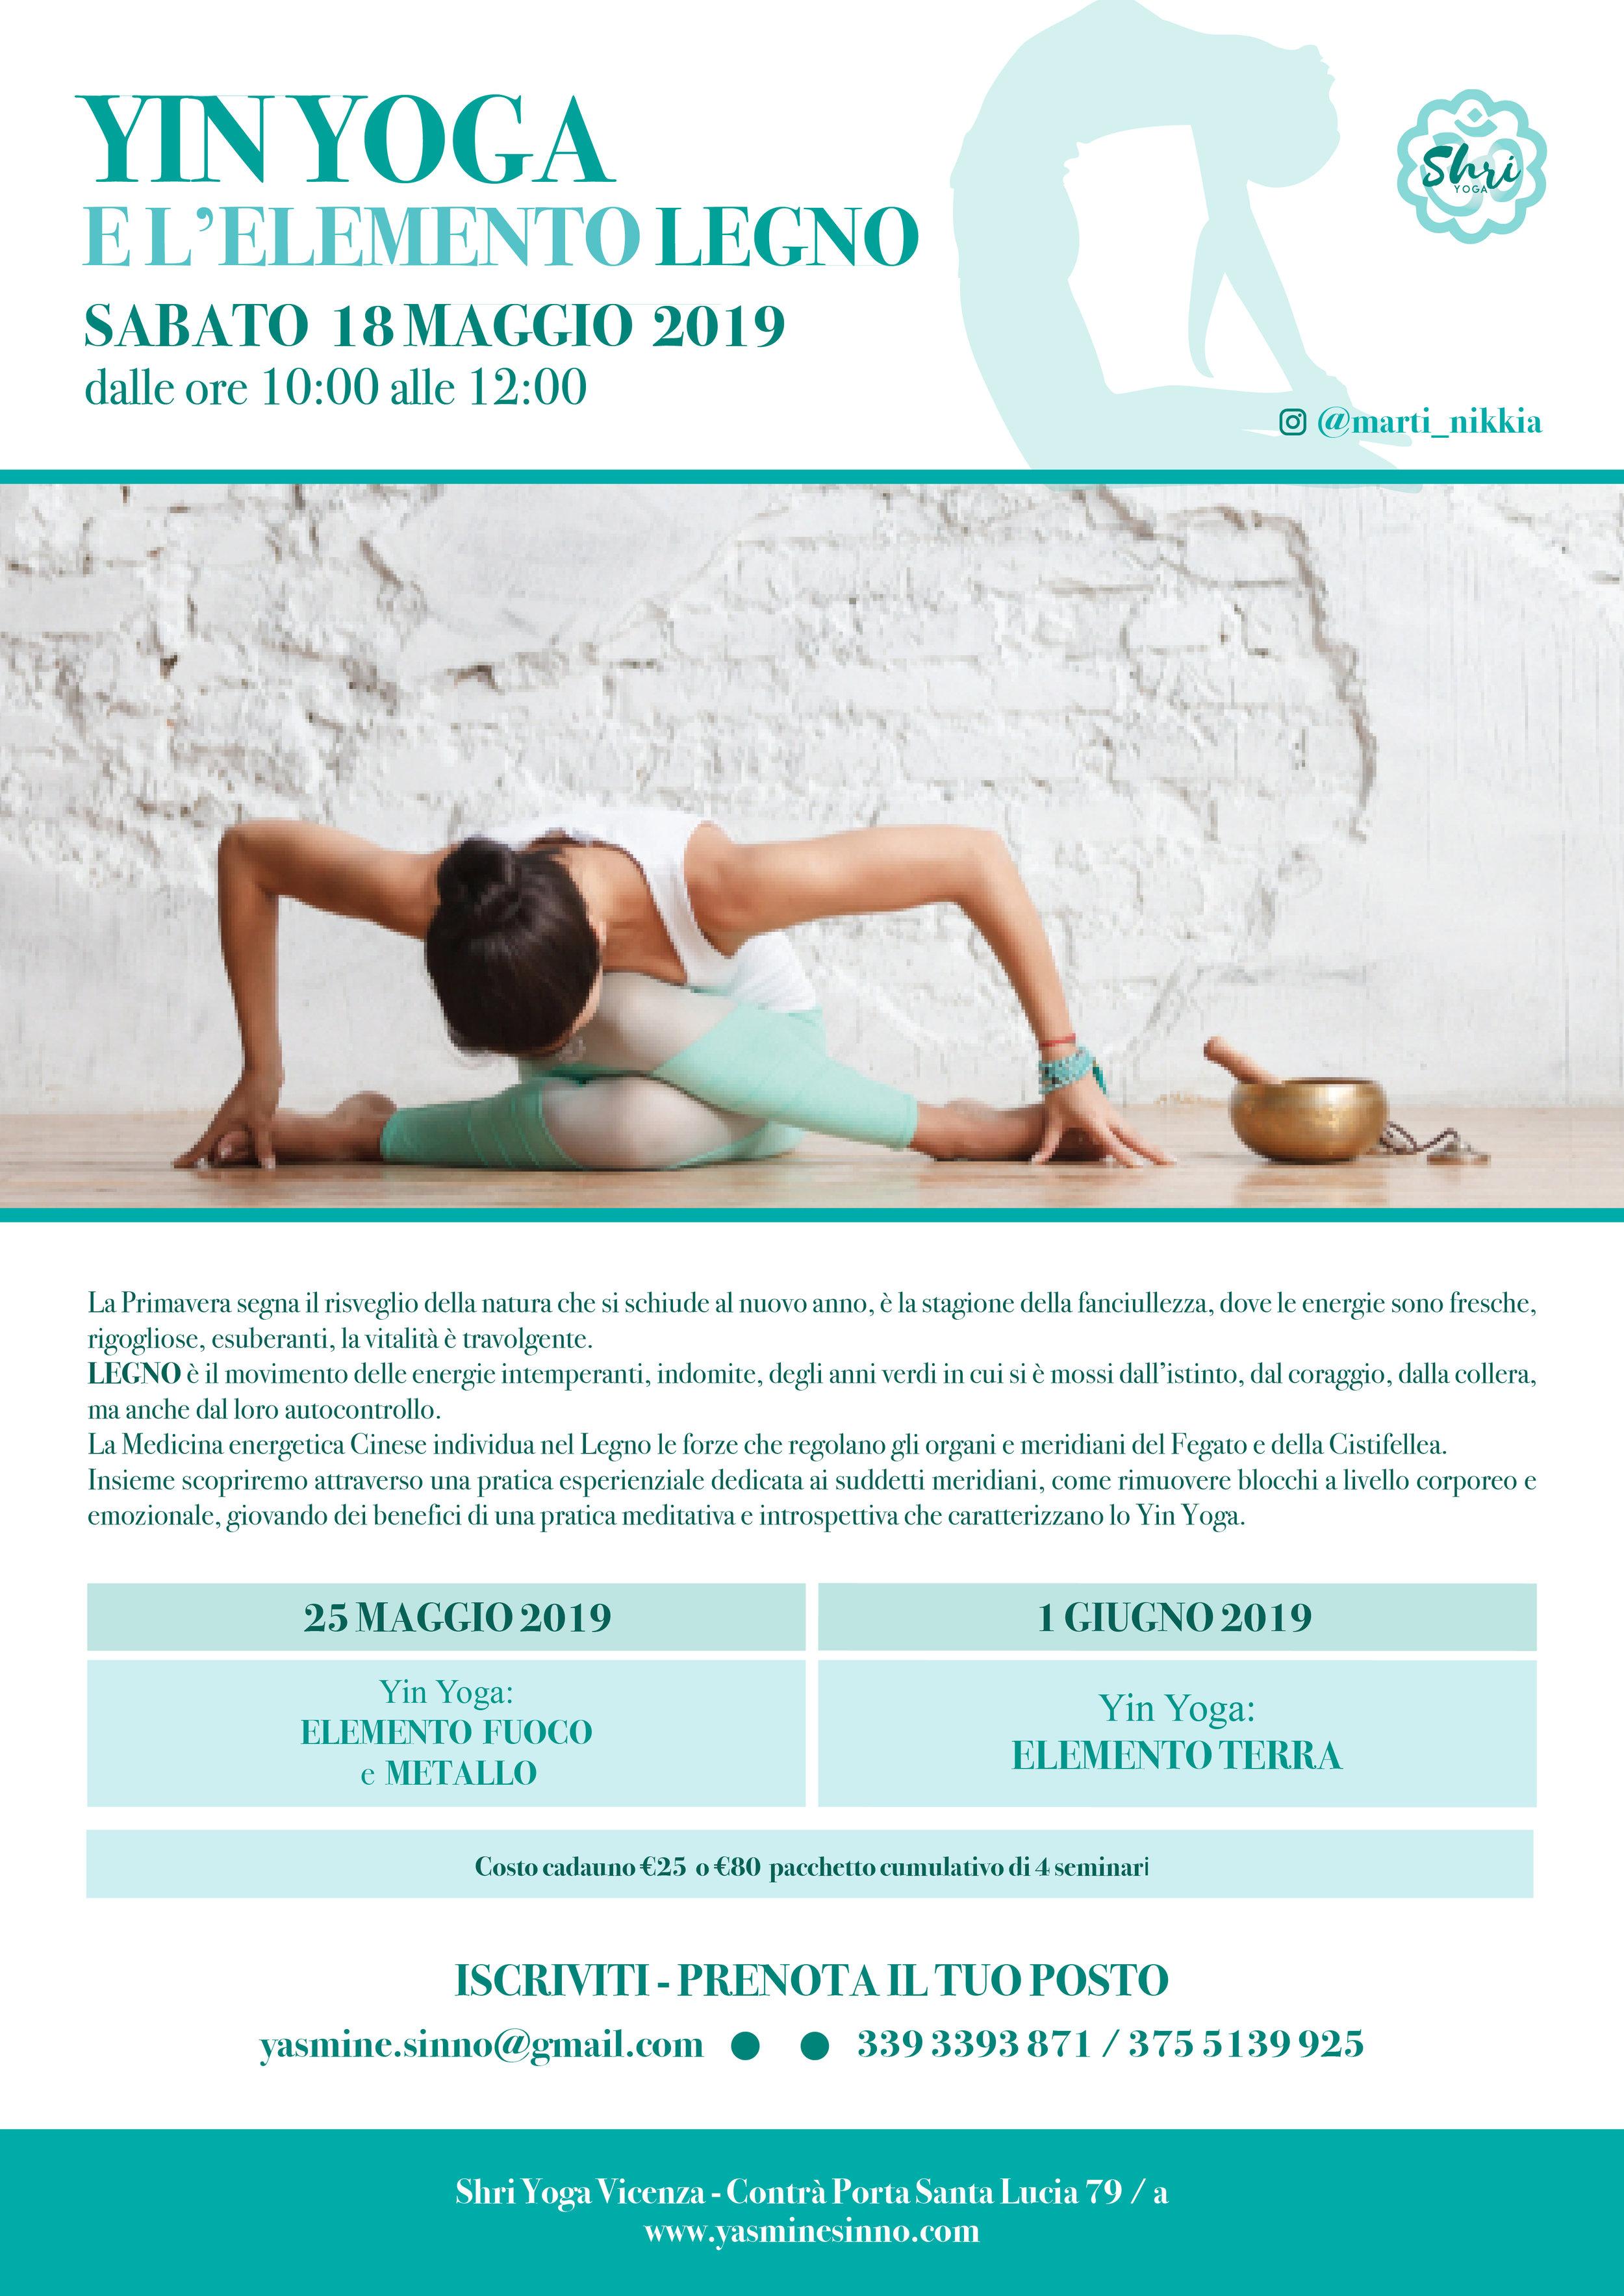 Yoga_Materiale Marzo_Tavola disegno 1 copia 6.jpg